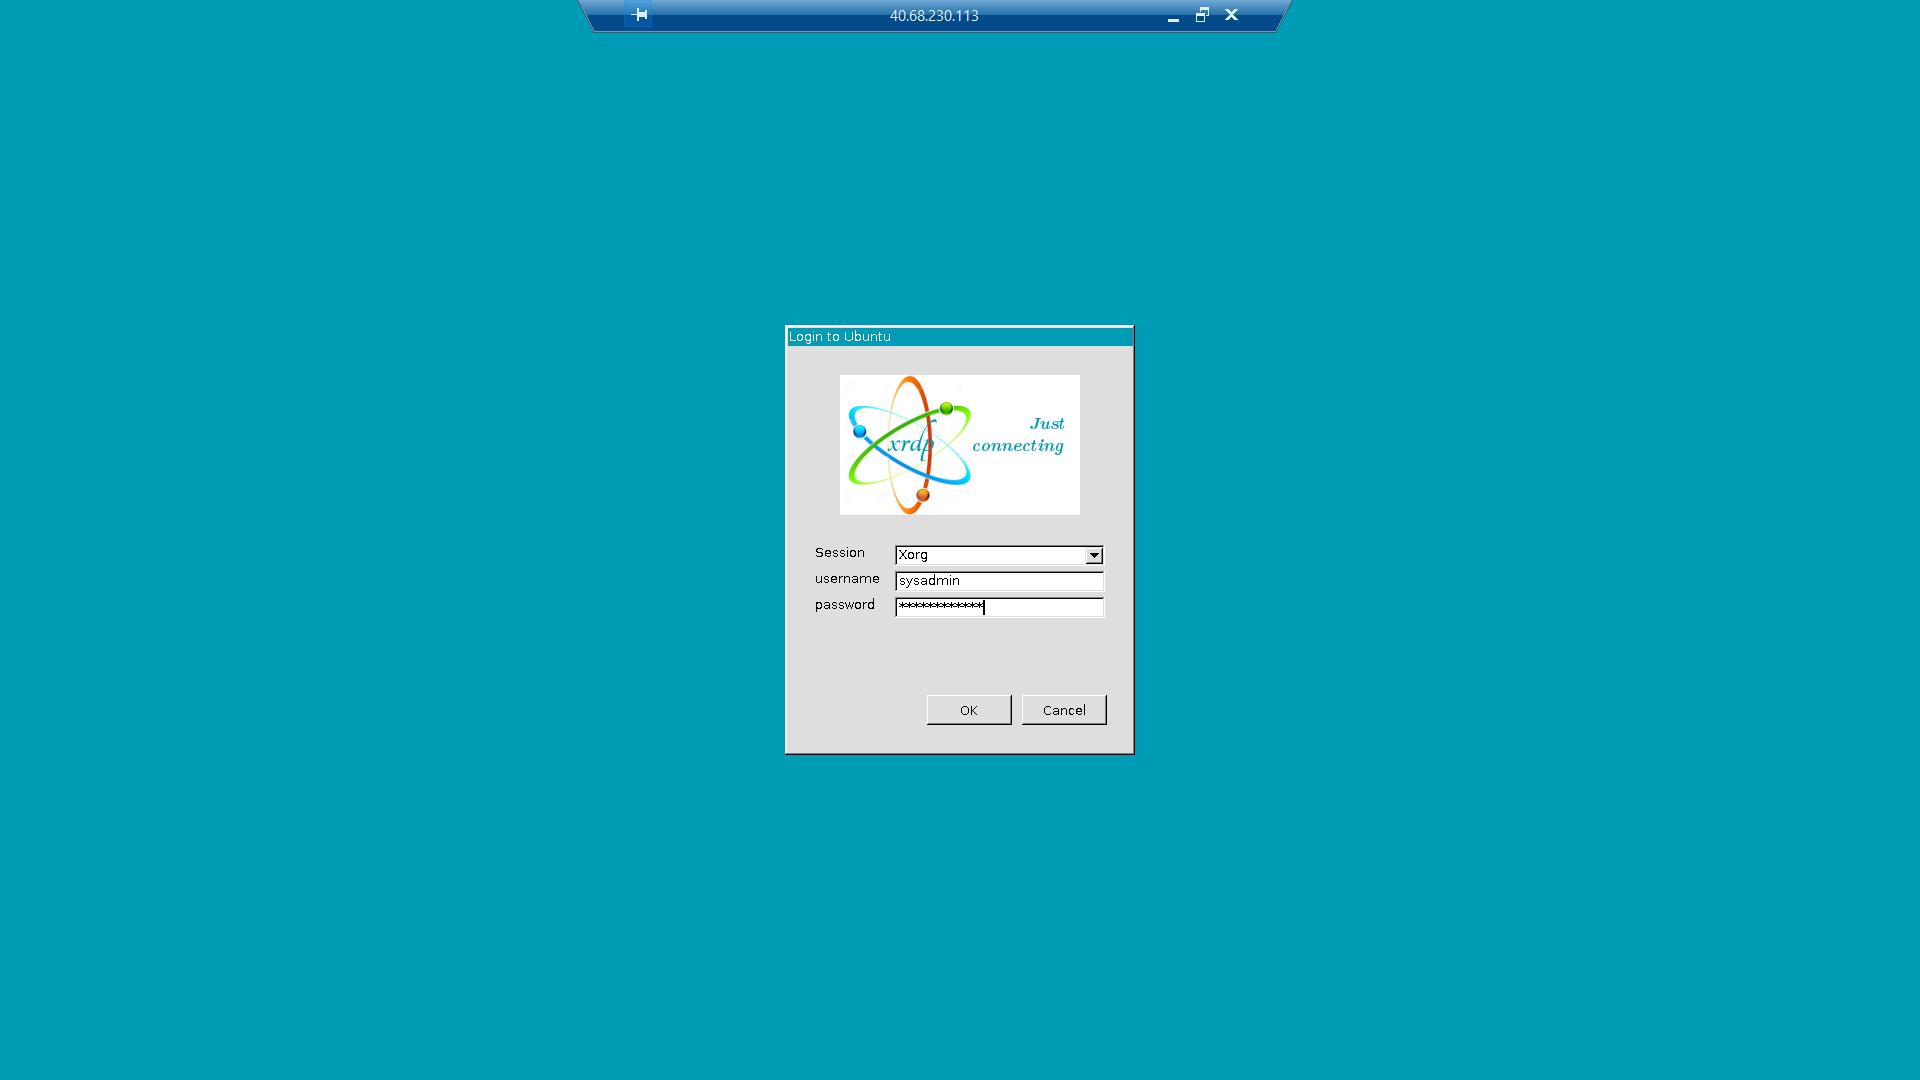 Azure: Installing GNOME desktop and xRDP to access an Ubuntu 17 10